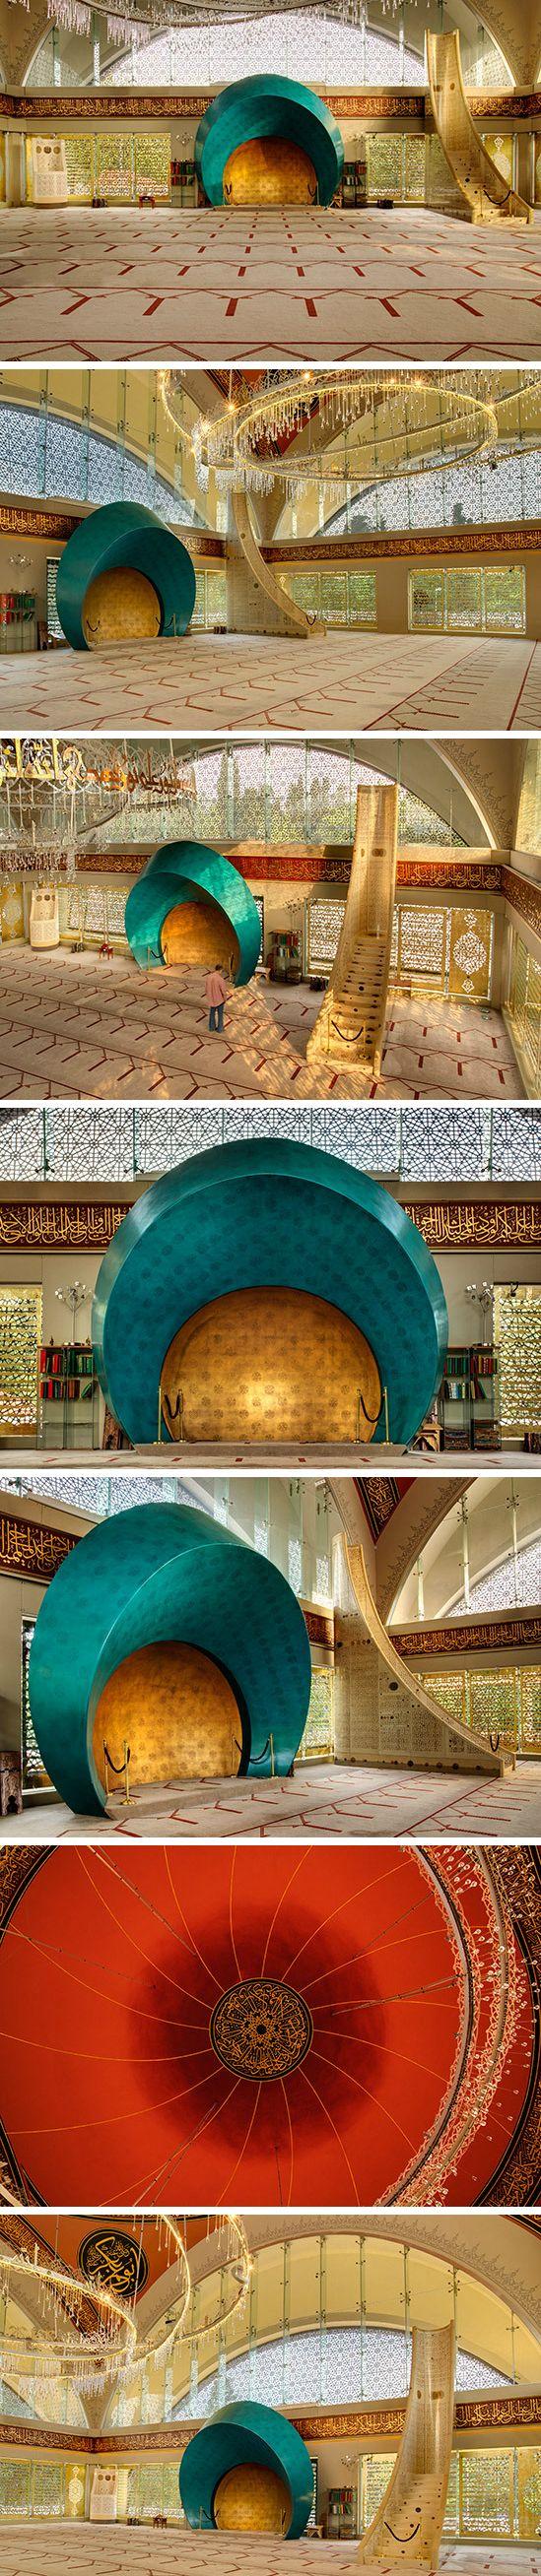 The prayer hall of Şakirin Mosque in Istanbul, Turkey. Decorative motifs derived from Seljuk art. Interior designer: Zeynep Fadıllıoğlu